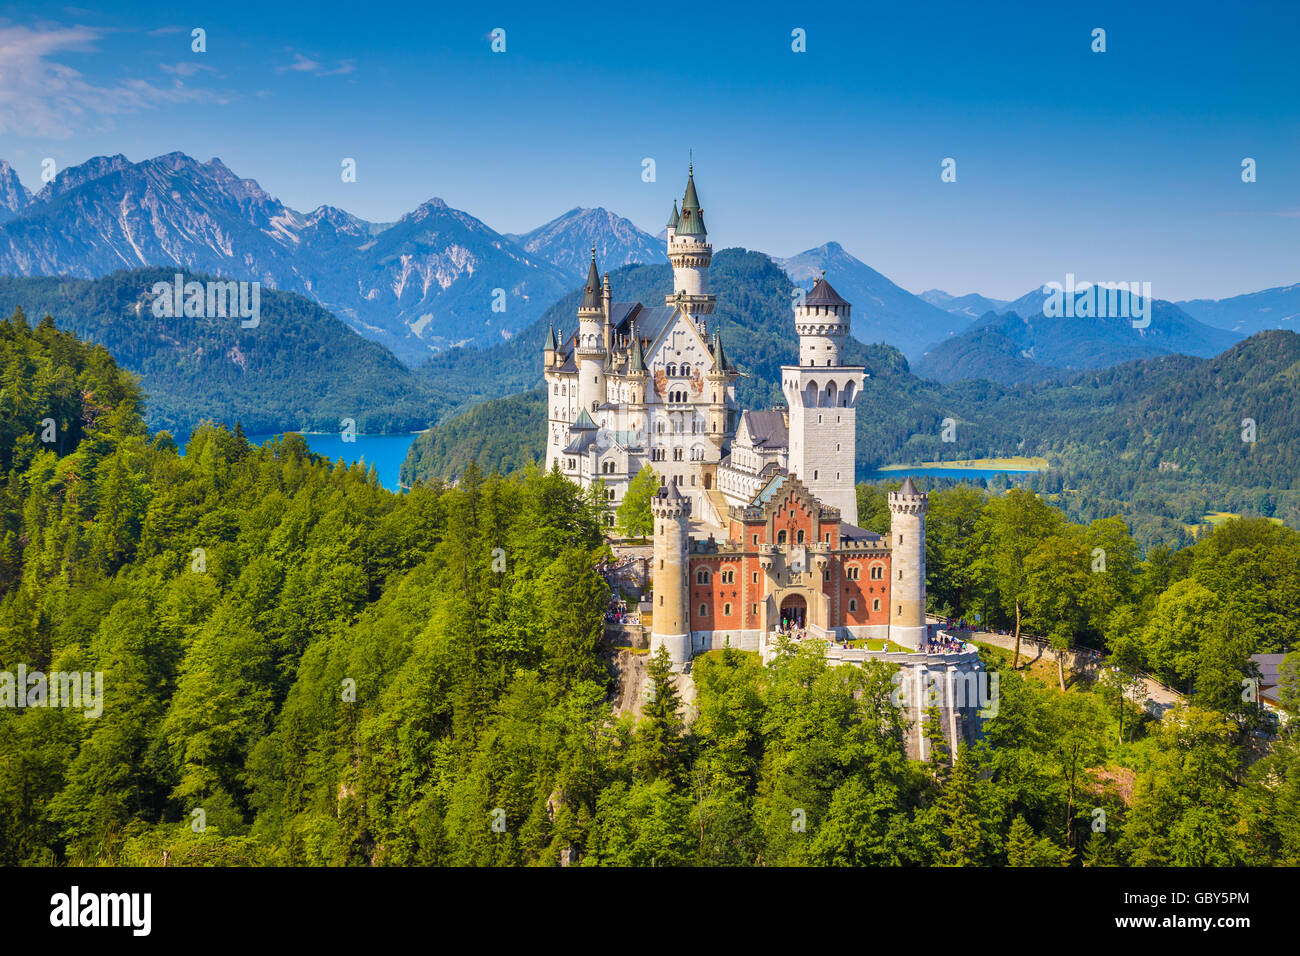 Hermosas vistas del famoso castillo de Neuschwanstein, uno de los castillos más visitados de Europa, en verano, Imagen De Stock